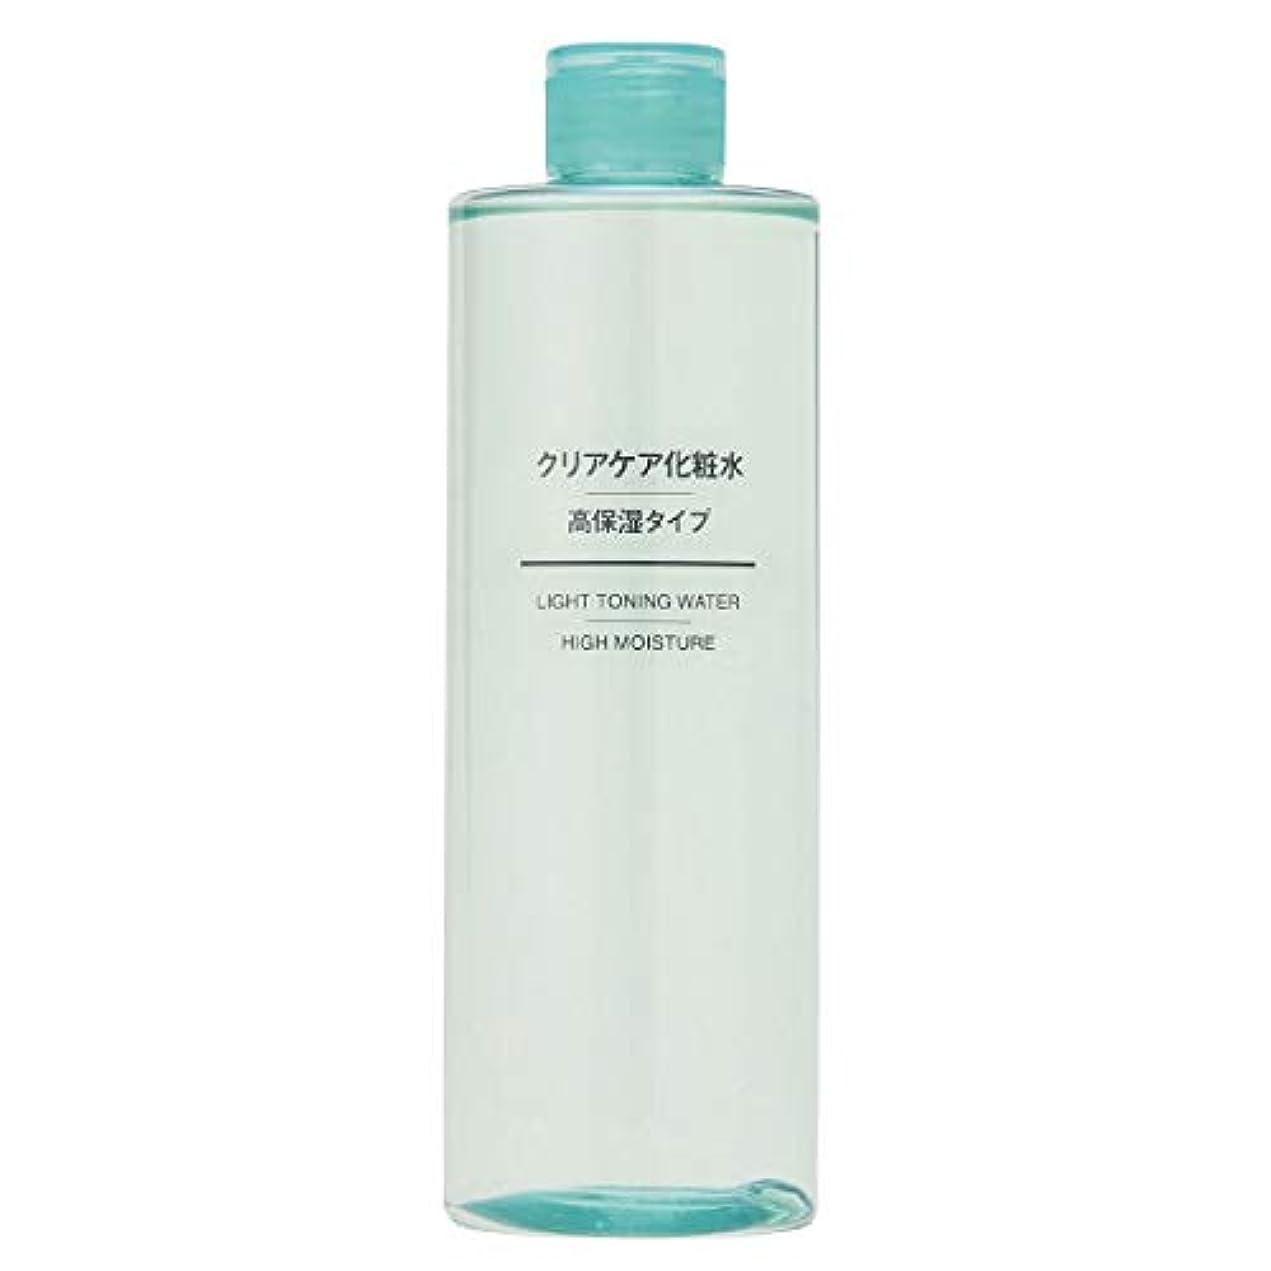 に対処するネクタイミリメートル無印良品 クリアケア化粧水?高保湿タイプ(大容量)400ml